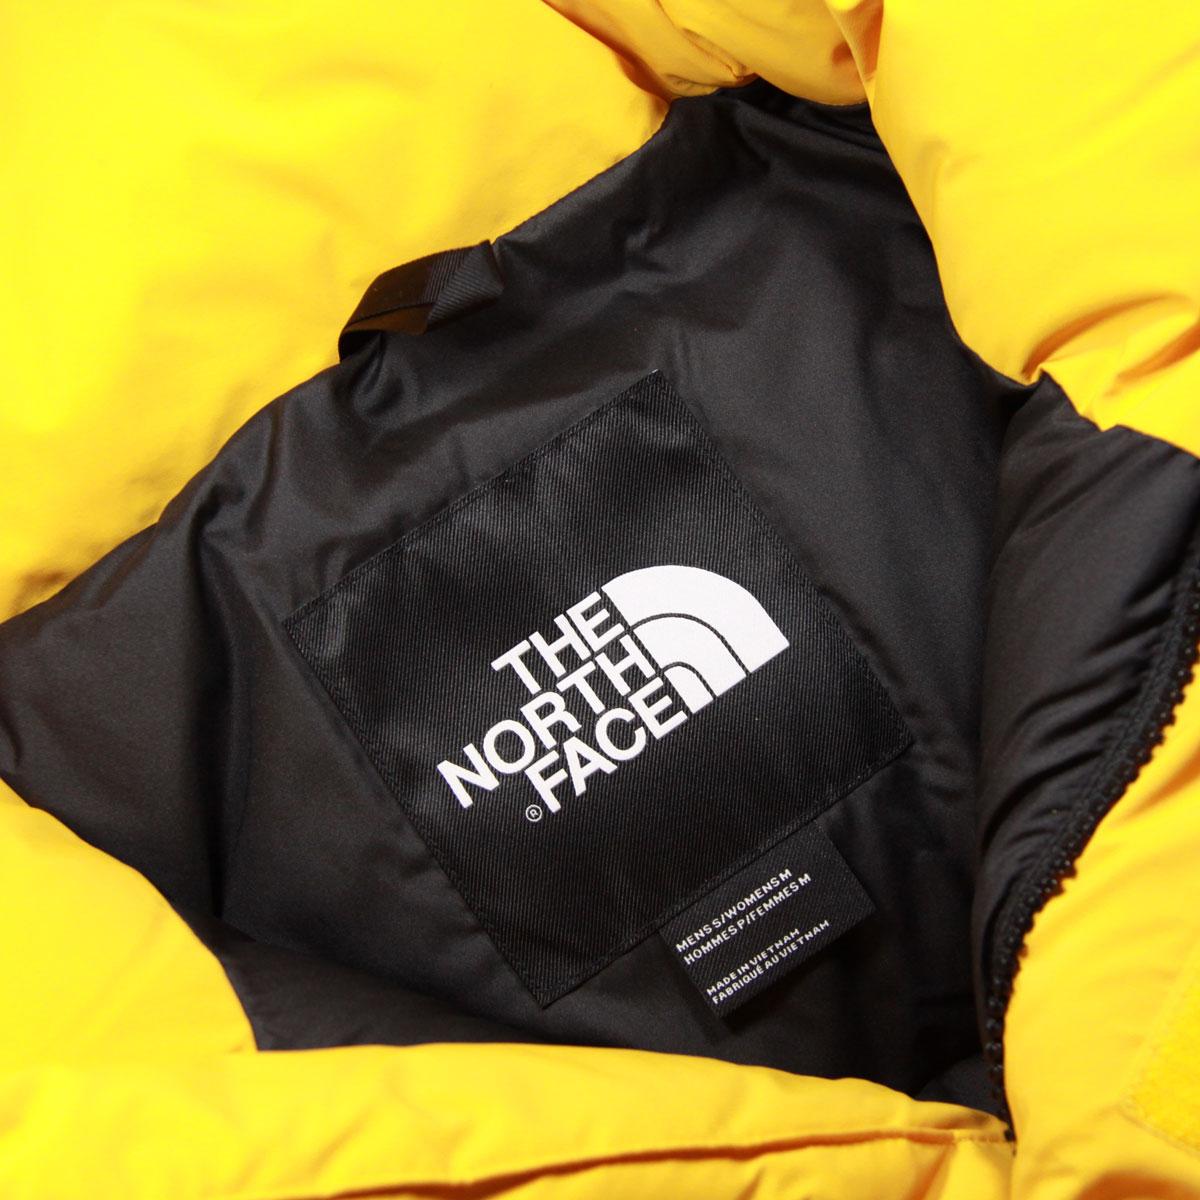 ノースフェイス ヒマラヤンパーカー メンズ 正規品 THE NORTH FACE ダウンジャケット アウター 1994 RETRO HIMALAYAN PARKA JACKET NF0A4QYP SUMMIT GOLD A14B B1C C1D D4E E12F